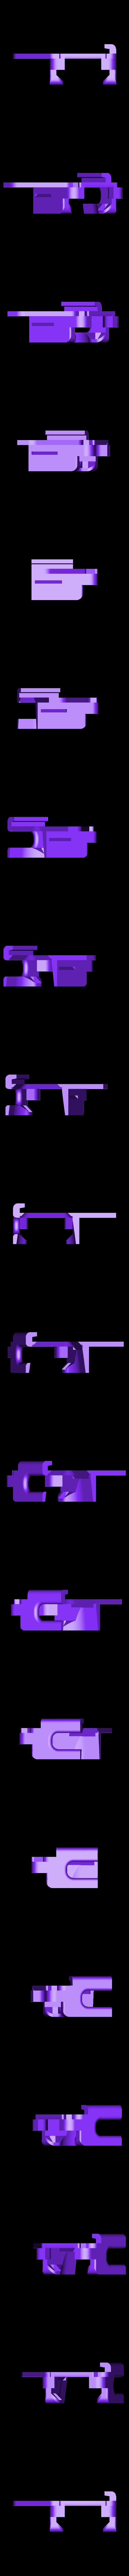 speedDrive_BantaMount_base.stl Télécharger fichier STL gratuit Base BantaMount pour SpeedDrive v1 - Support à entraînement direct Ender 3 • Design à imprimer en 3D, fakcior